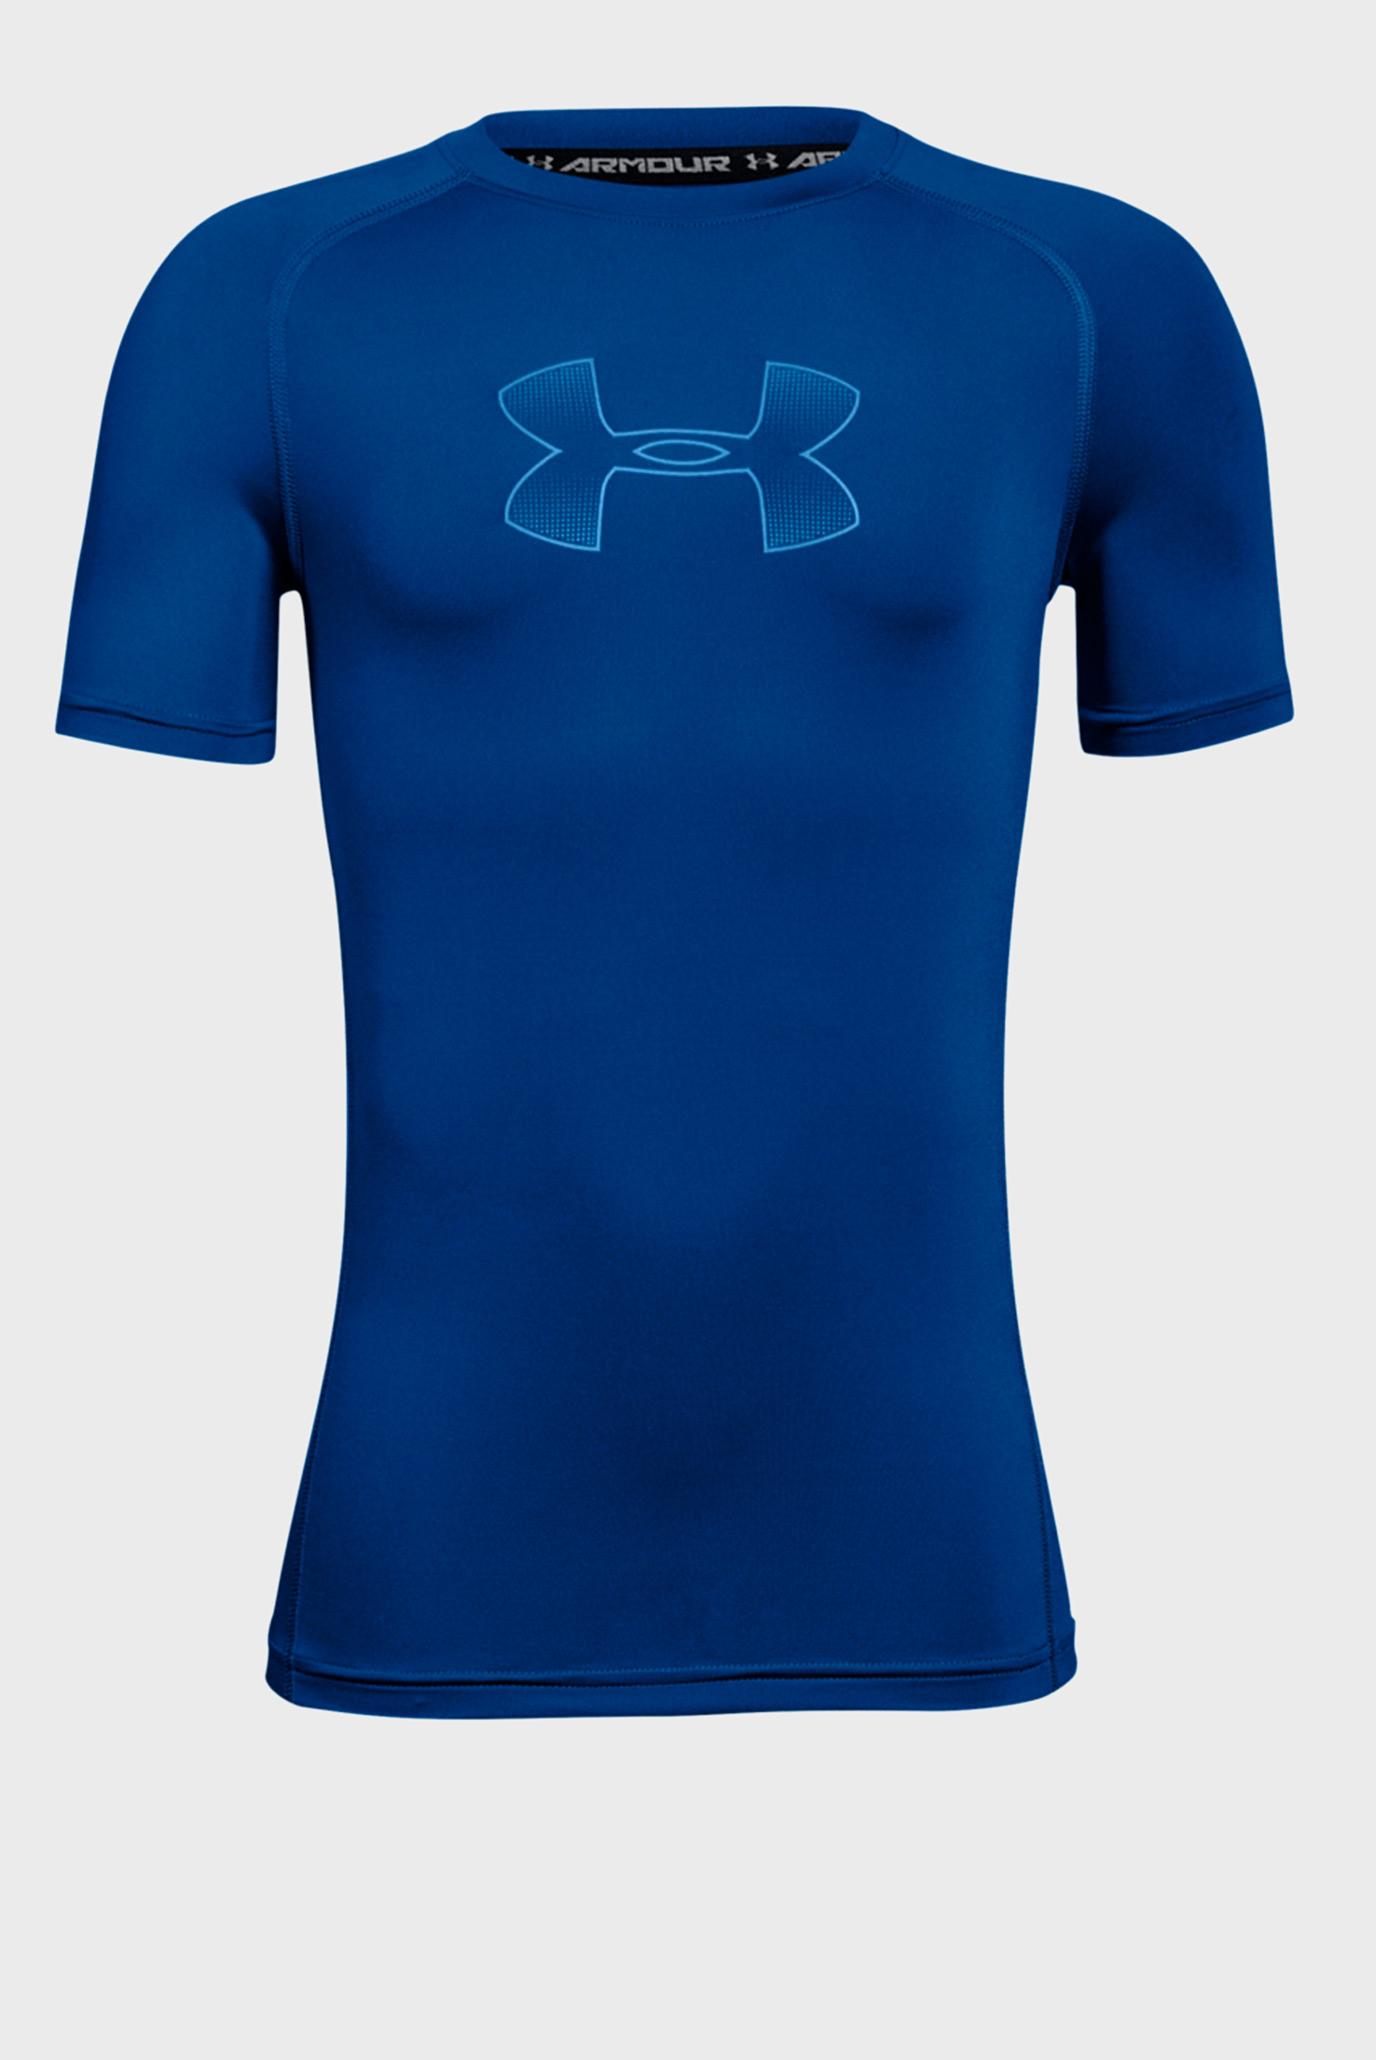 Купить Детская синяя компрессионная футболка Armour SS Under Armour Under Armour 1289957-402 – Киев, Украина. Цены в интернет магазине MD Fashion